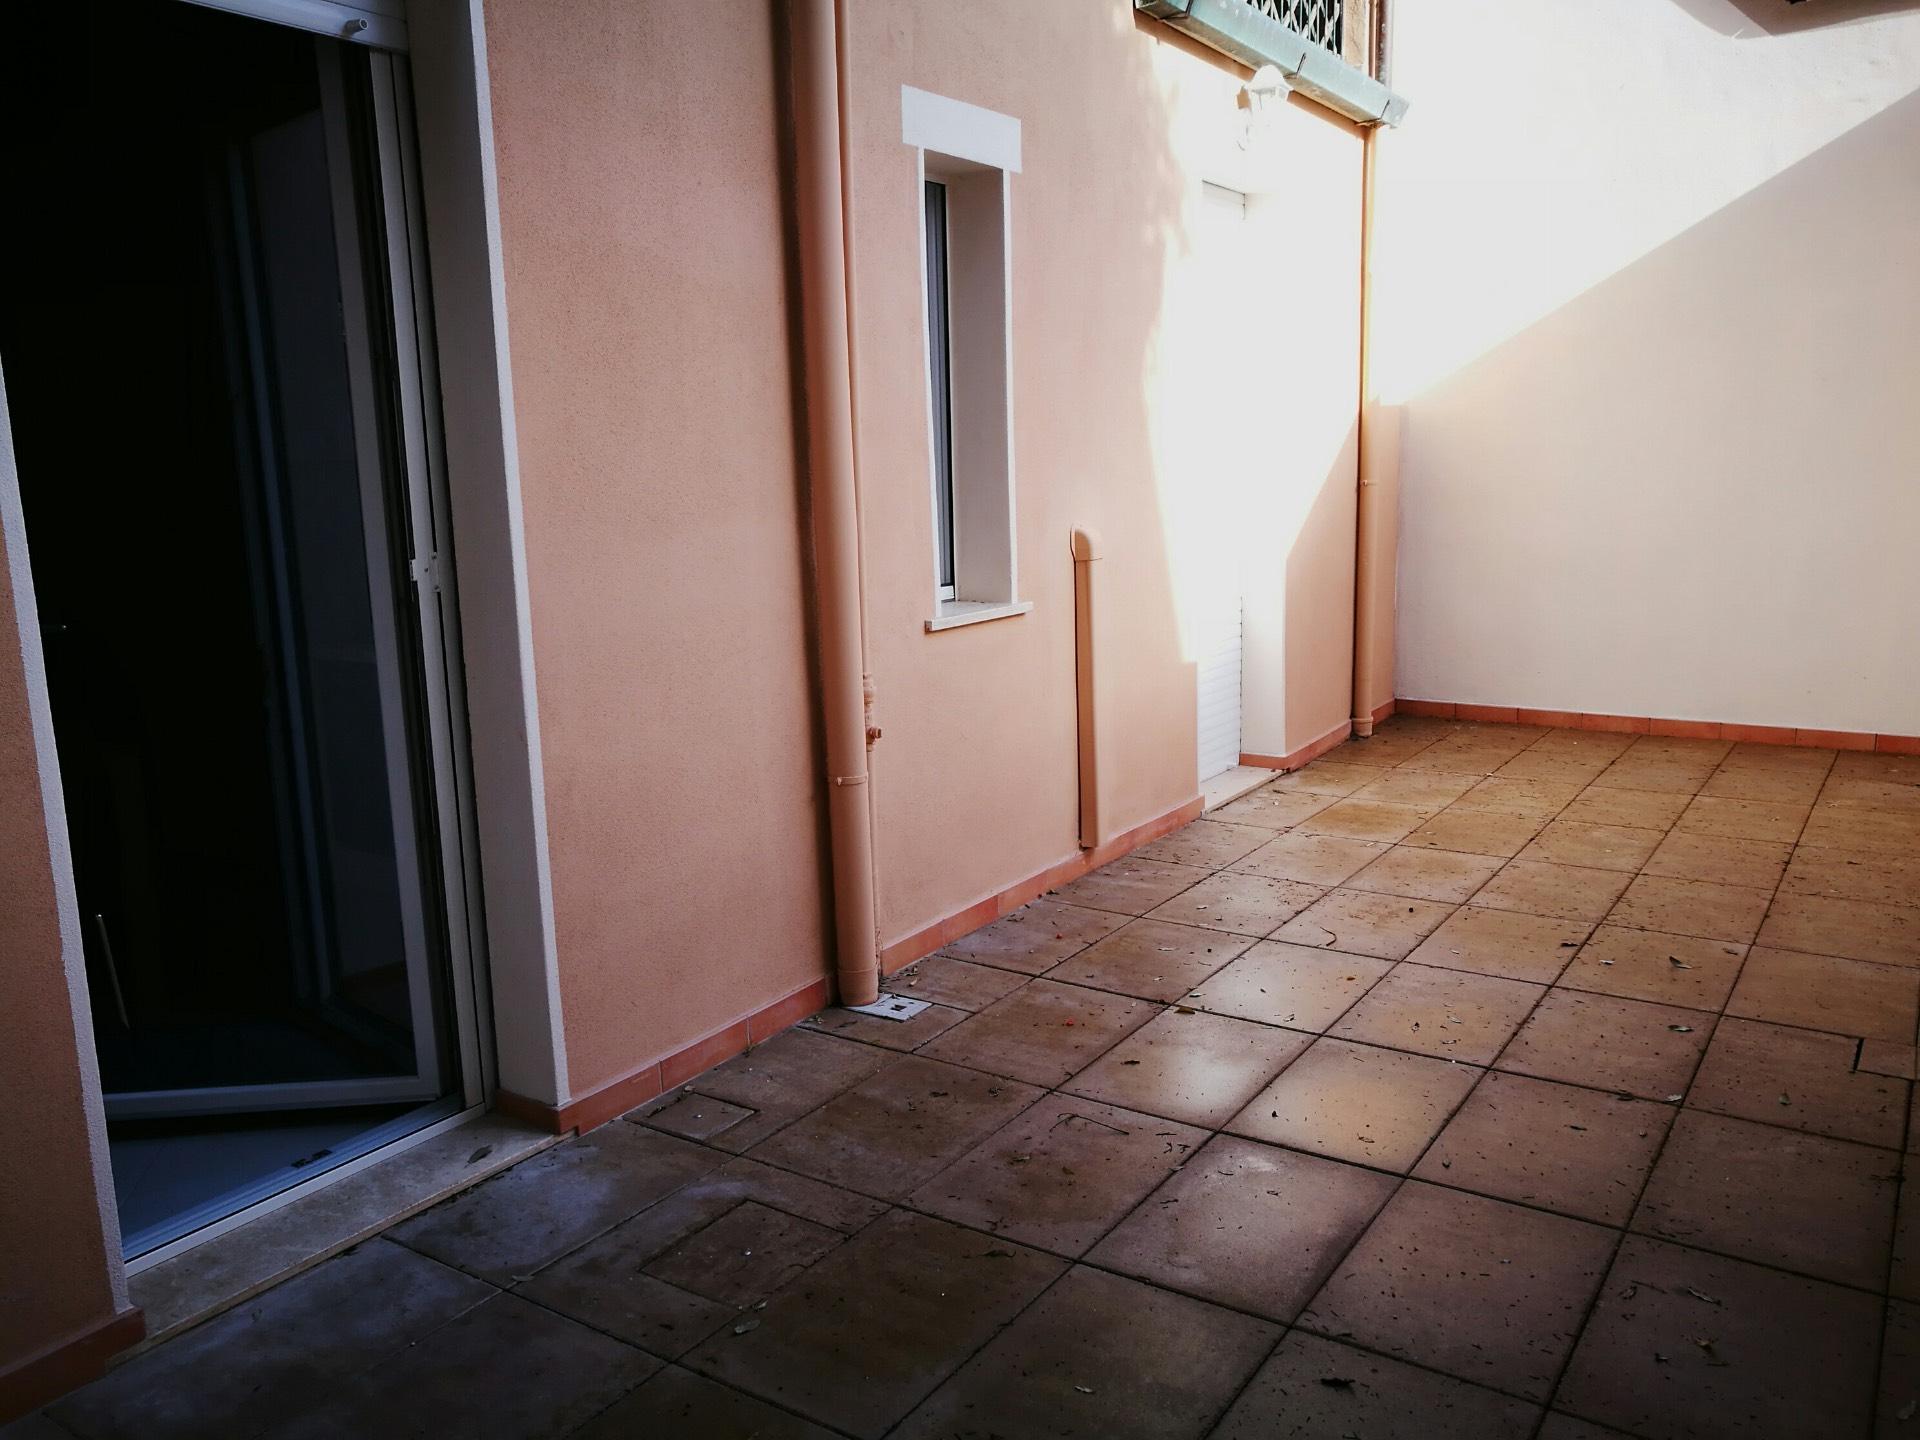 Appartamento in affitto a Pontedera, 2 locali, zona Località: Centro, prezzo € 470   CambioCasa.it